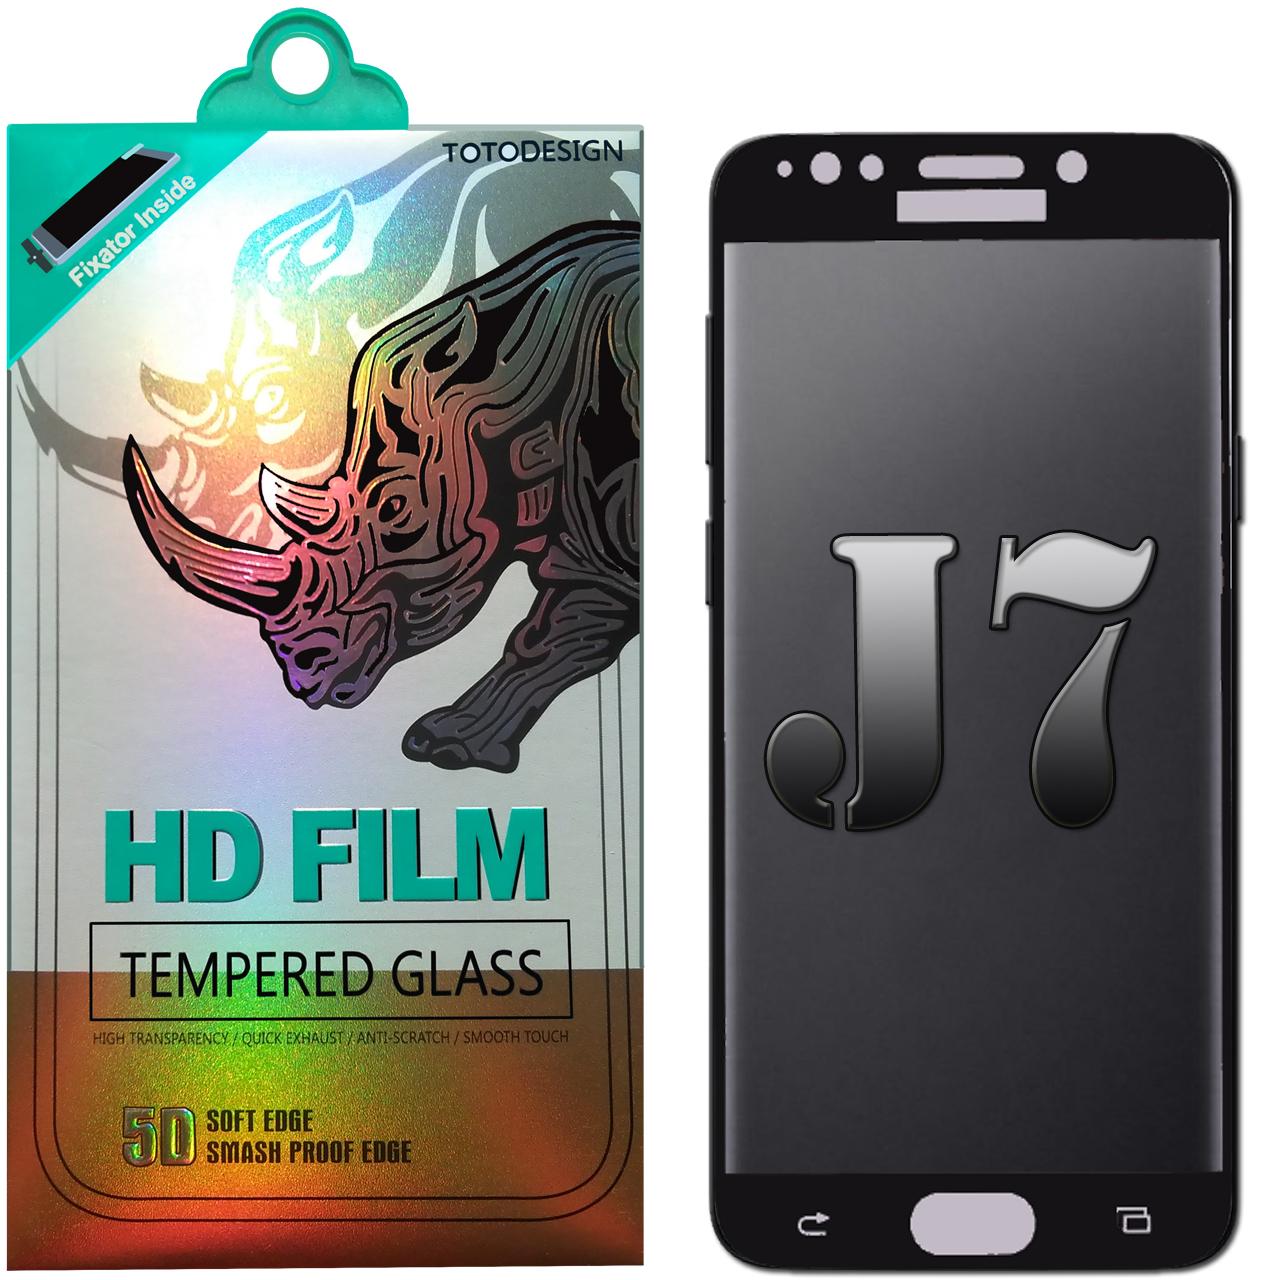 محافظ صفحه نمایش شیشه ای صفحه مدل Full Coverage 5D 2017 TOTODESIGN مناسب برای گوشی موبایل سامسونگ Galaxy J7